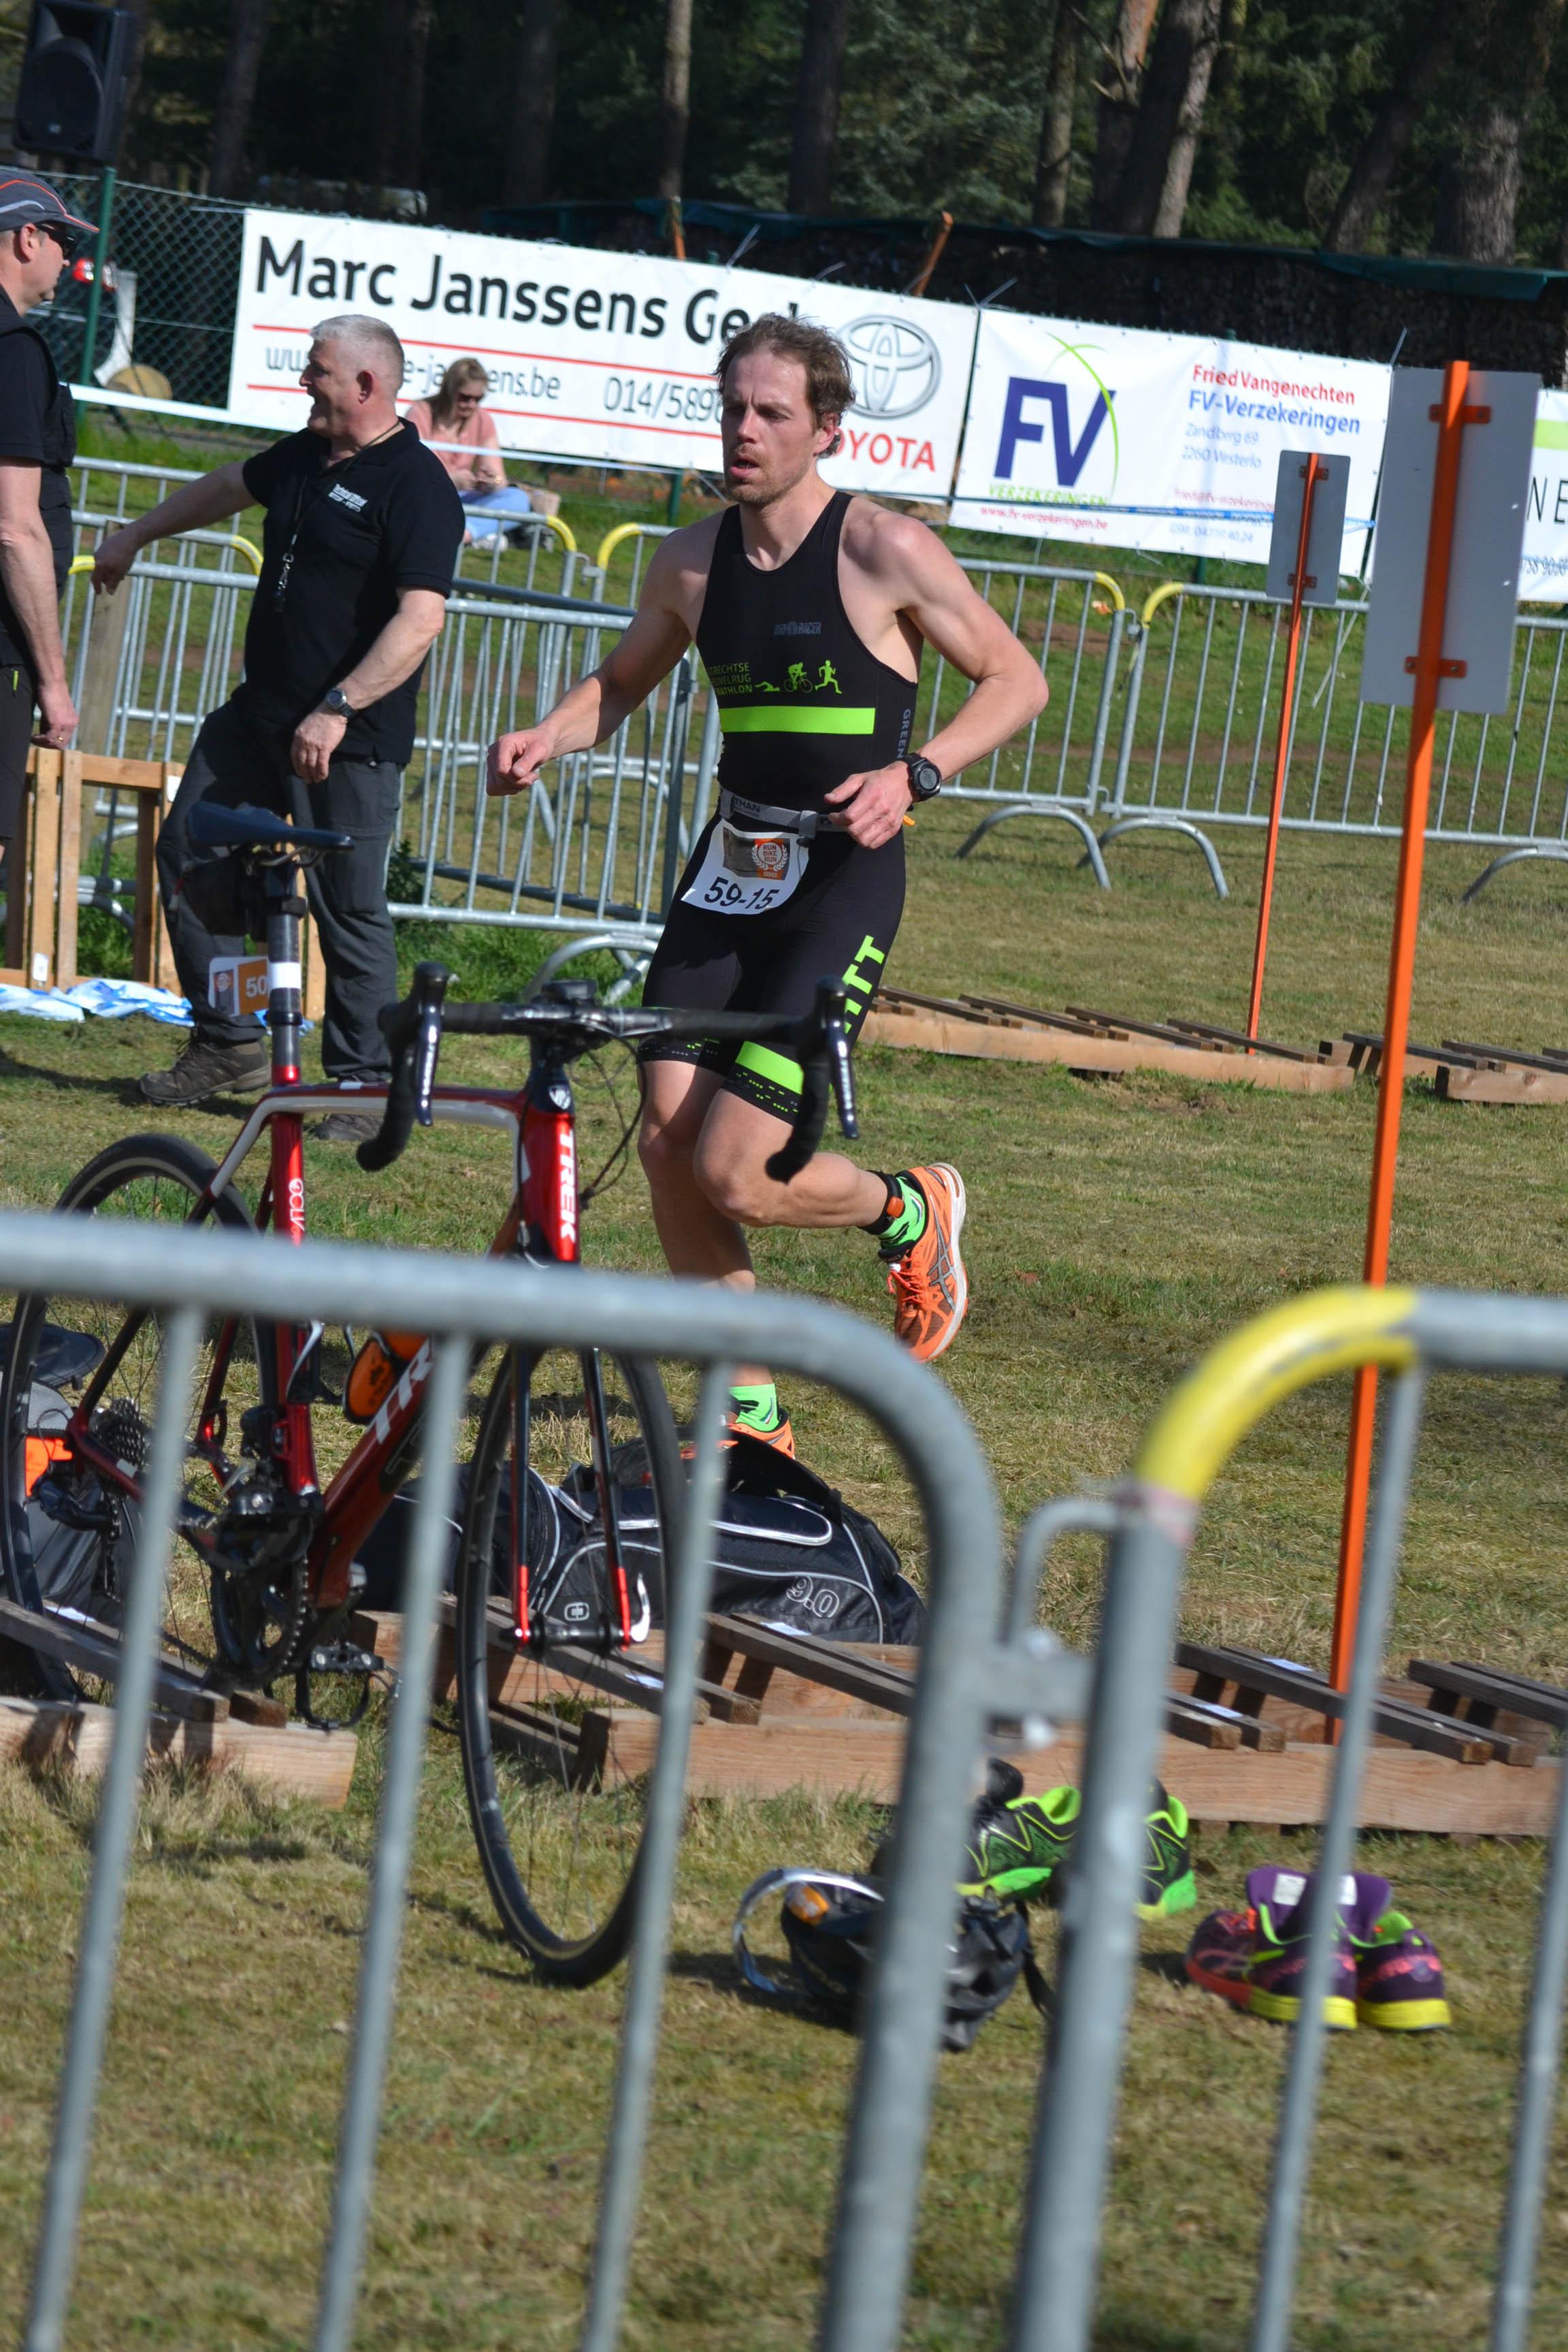 competitie - UHTT Run Bike Run Team Geel Homme - UHTT Run Bike Run Team verrassend 11e in Challenge Duathlon Geel - raceverslag, Nederland, Hardlopen, Fietsen, competitie, 2018